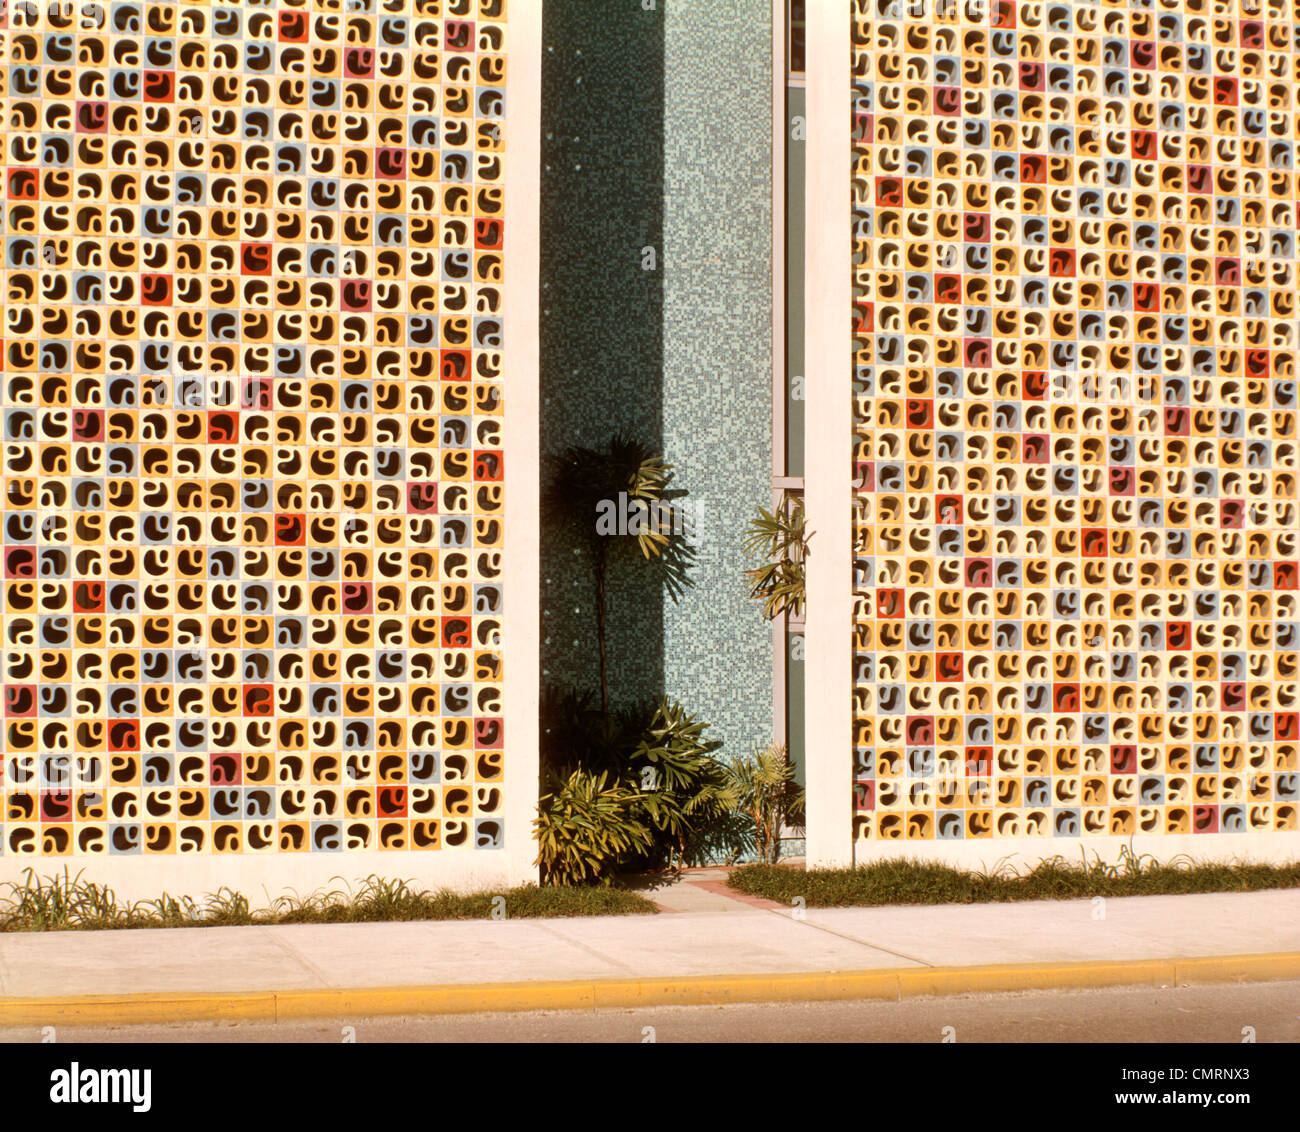 1960 1960 L'ARCHITECTURE MODERNE DE L'édifice, Orlando FL colorés de PALAIS DE BRIQUE CIMENT CARREAUX Photo Stock